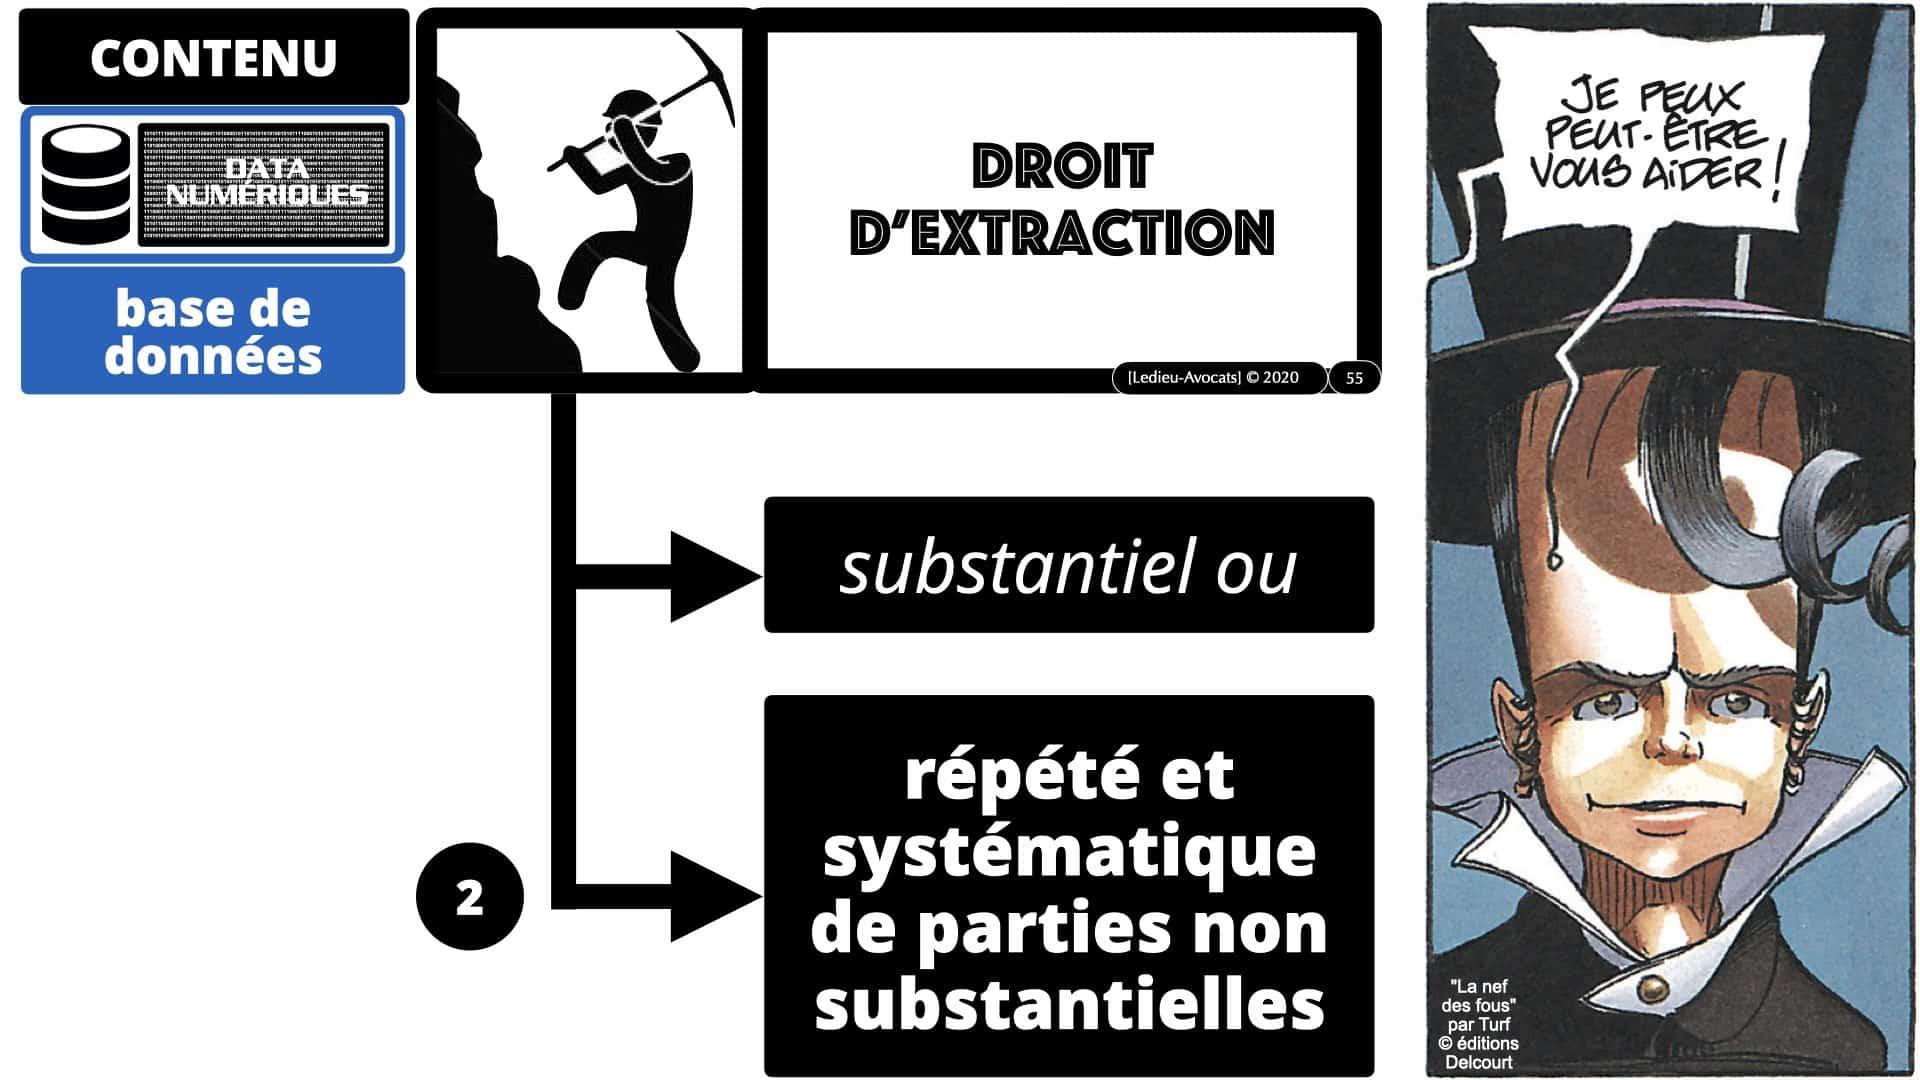 314 PRO BTP © Ledieu-avocat 03-12-2020.055